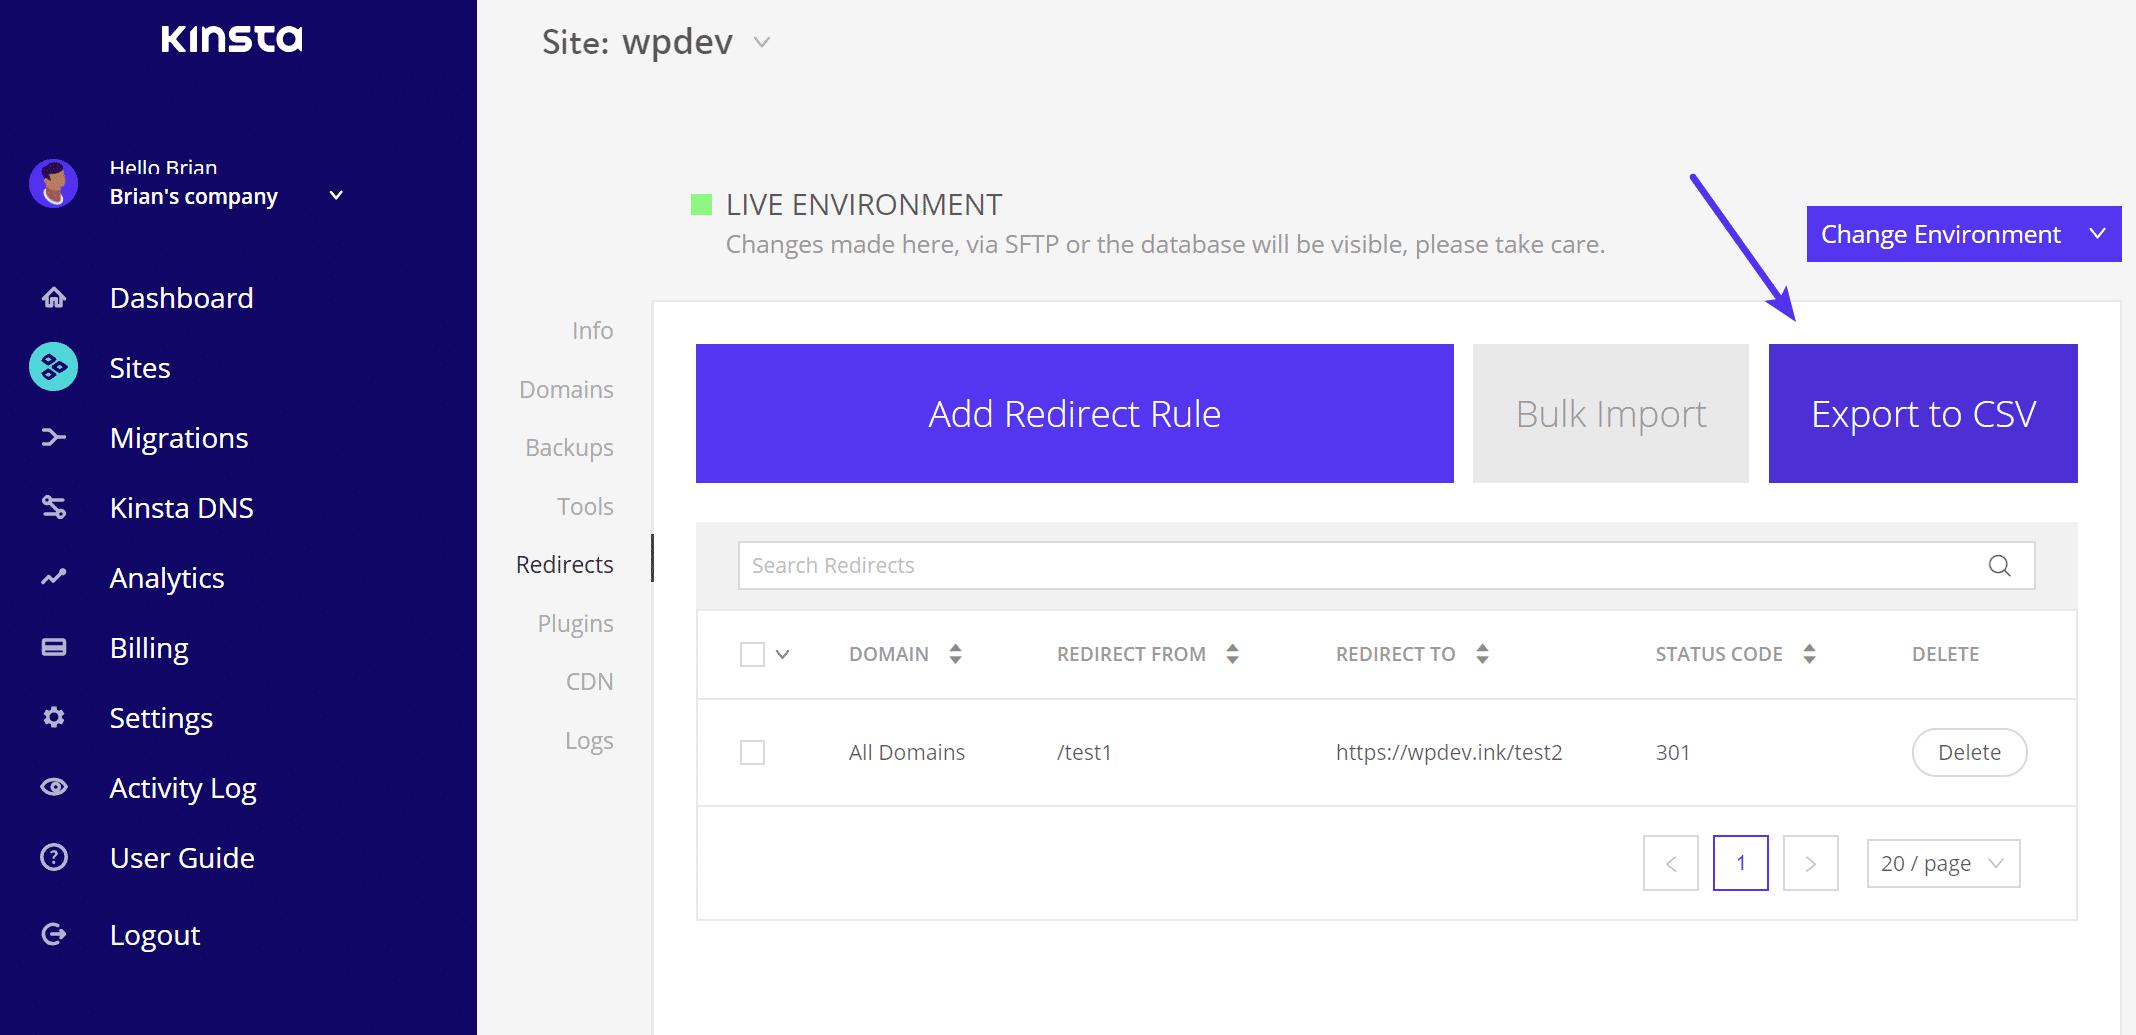 Exportar redirecciones a CSV